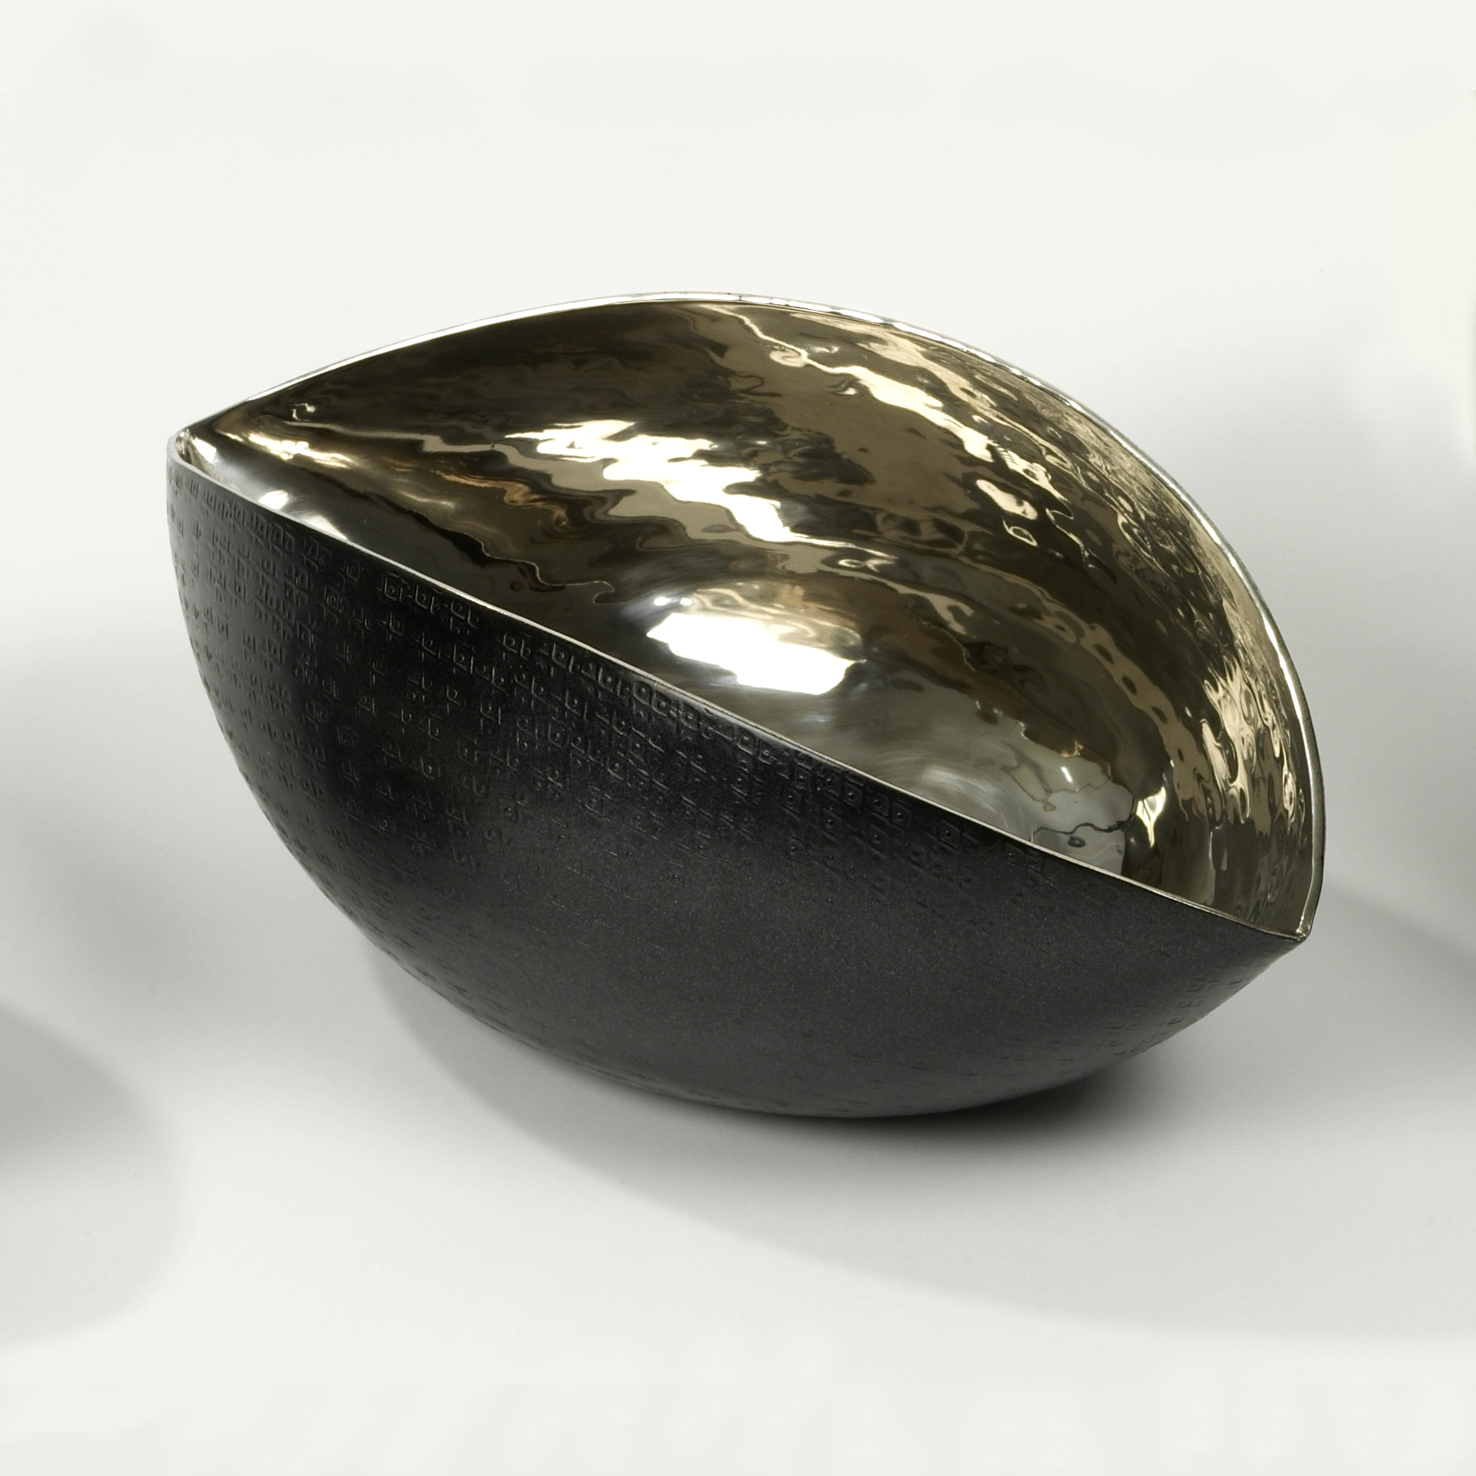 lambert bacello schale aluminiumblech mit struktur au enseite patiniert schwarz matt lackiert. Black Bedroom Furniture Sets. Home Design Ideas